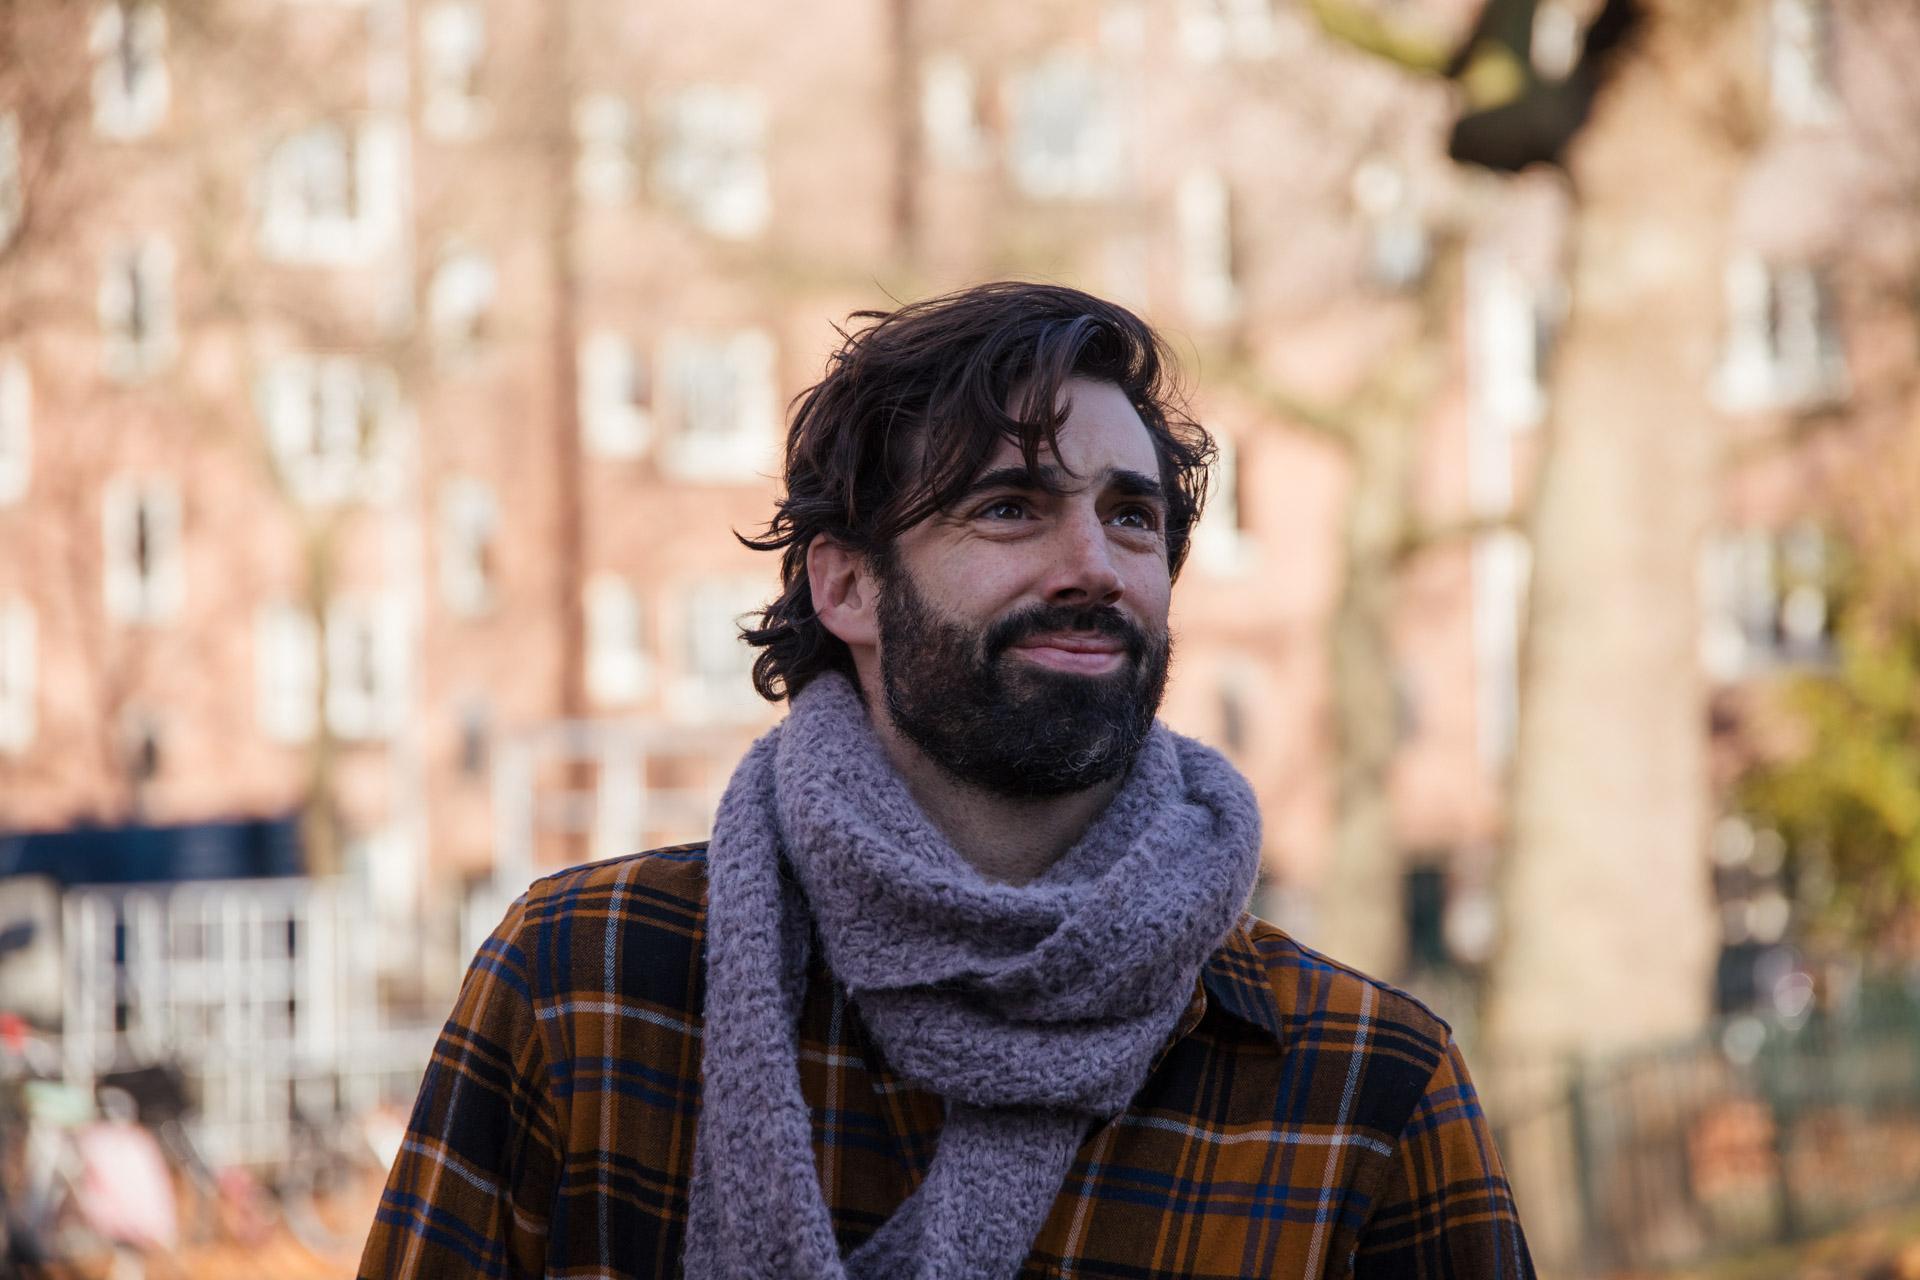 Ruben Hein (Photo- Matthijs van der Ven for The Influences)